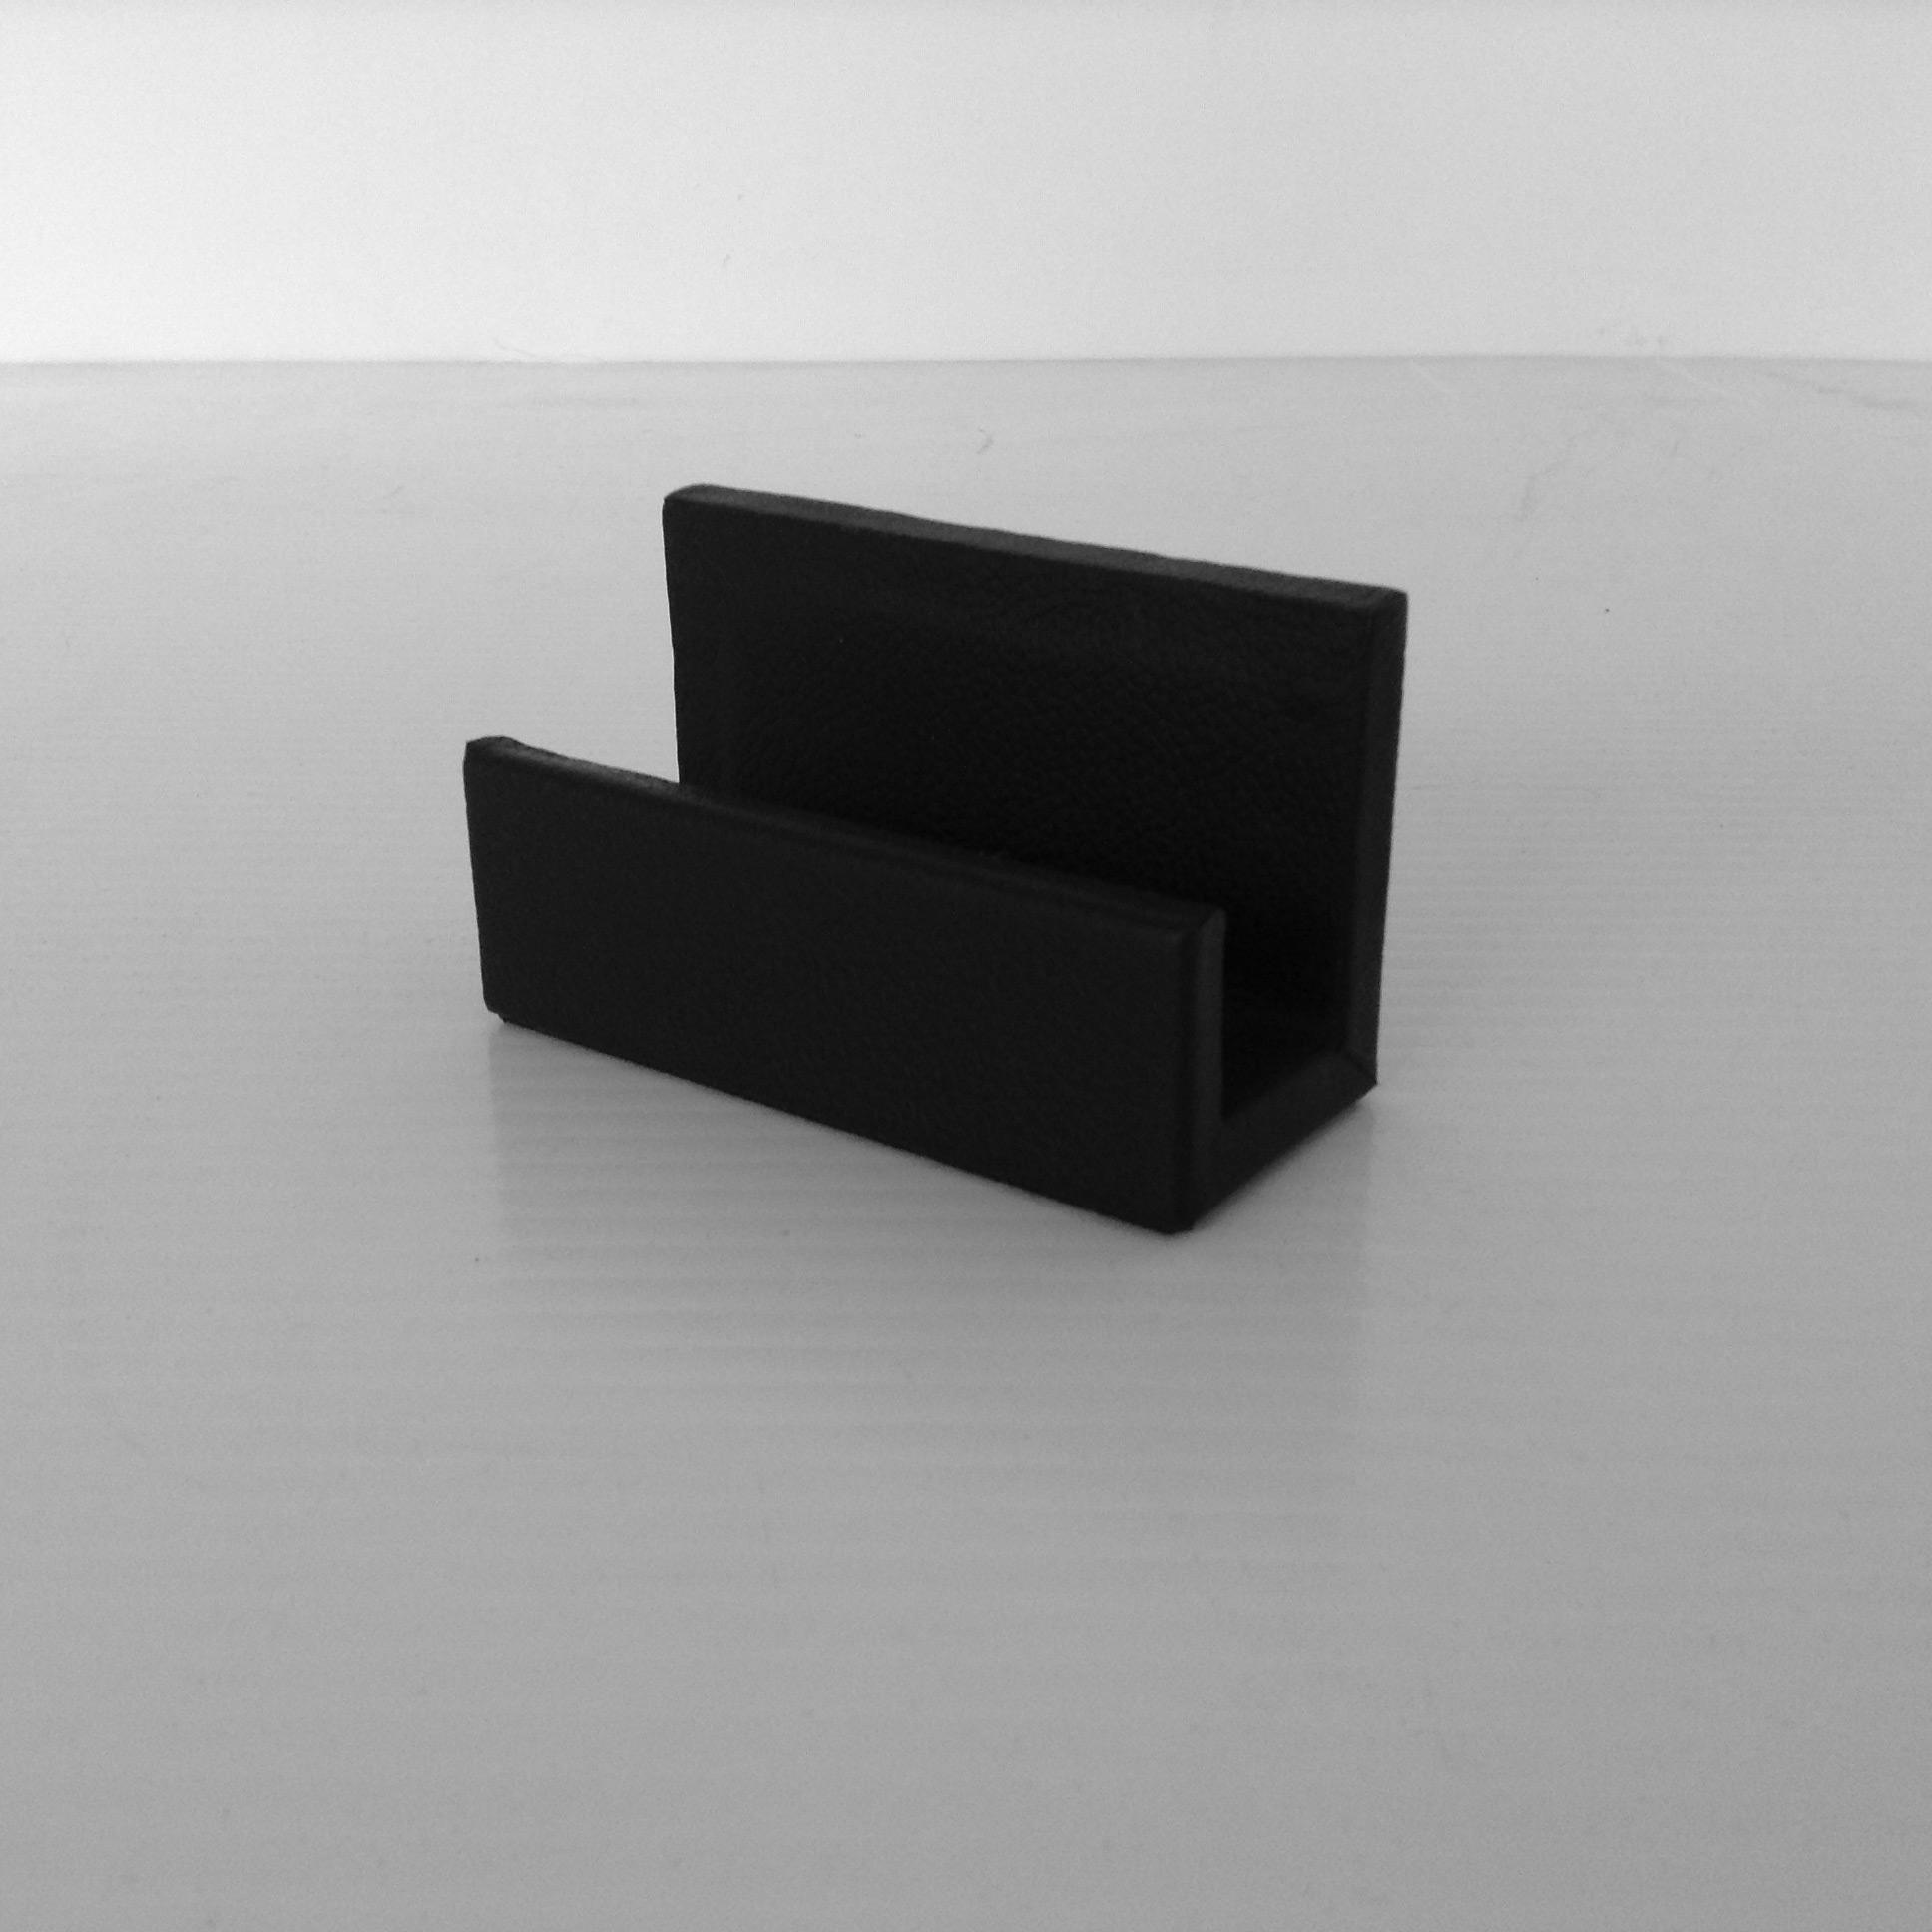 Black Leather Desktop Business Card Holder